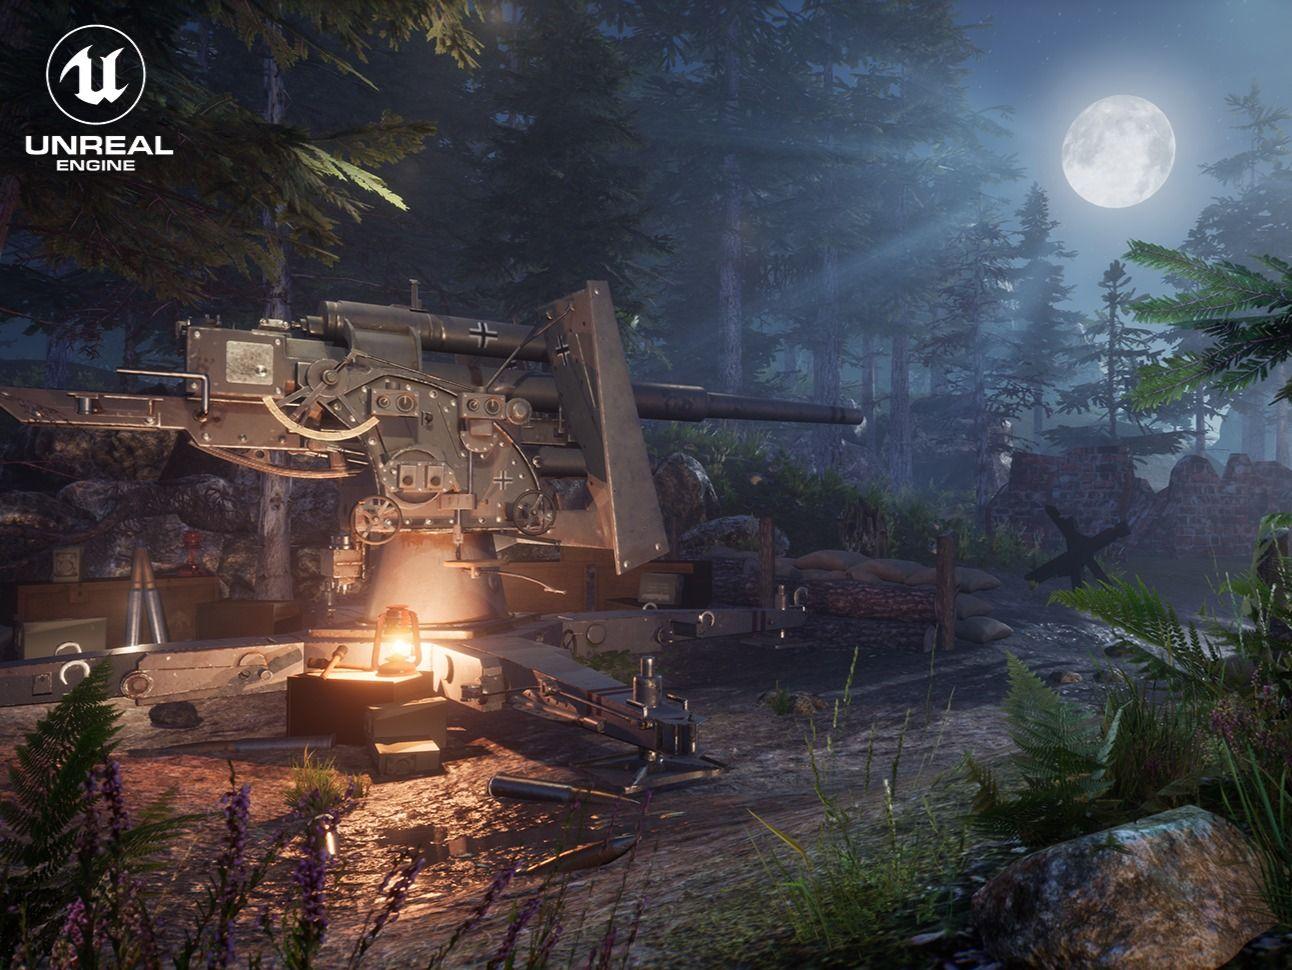 Ambushed - WW2 environment